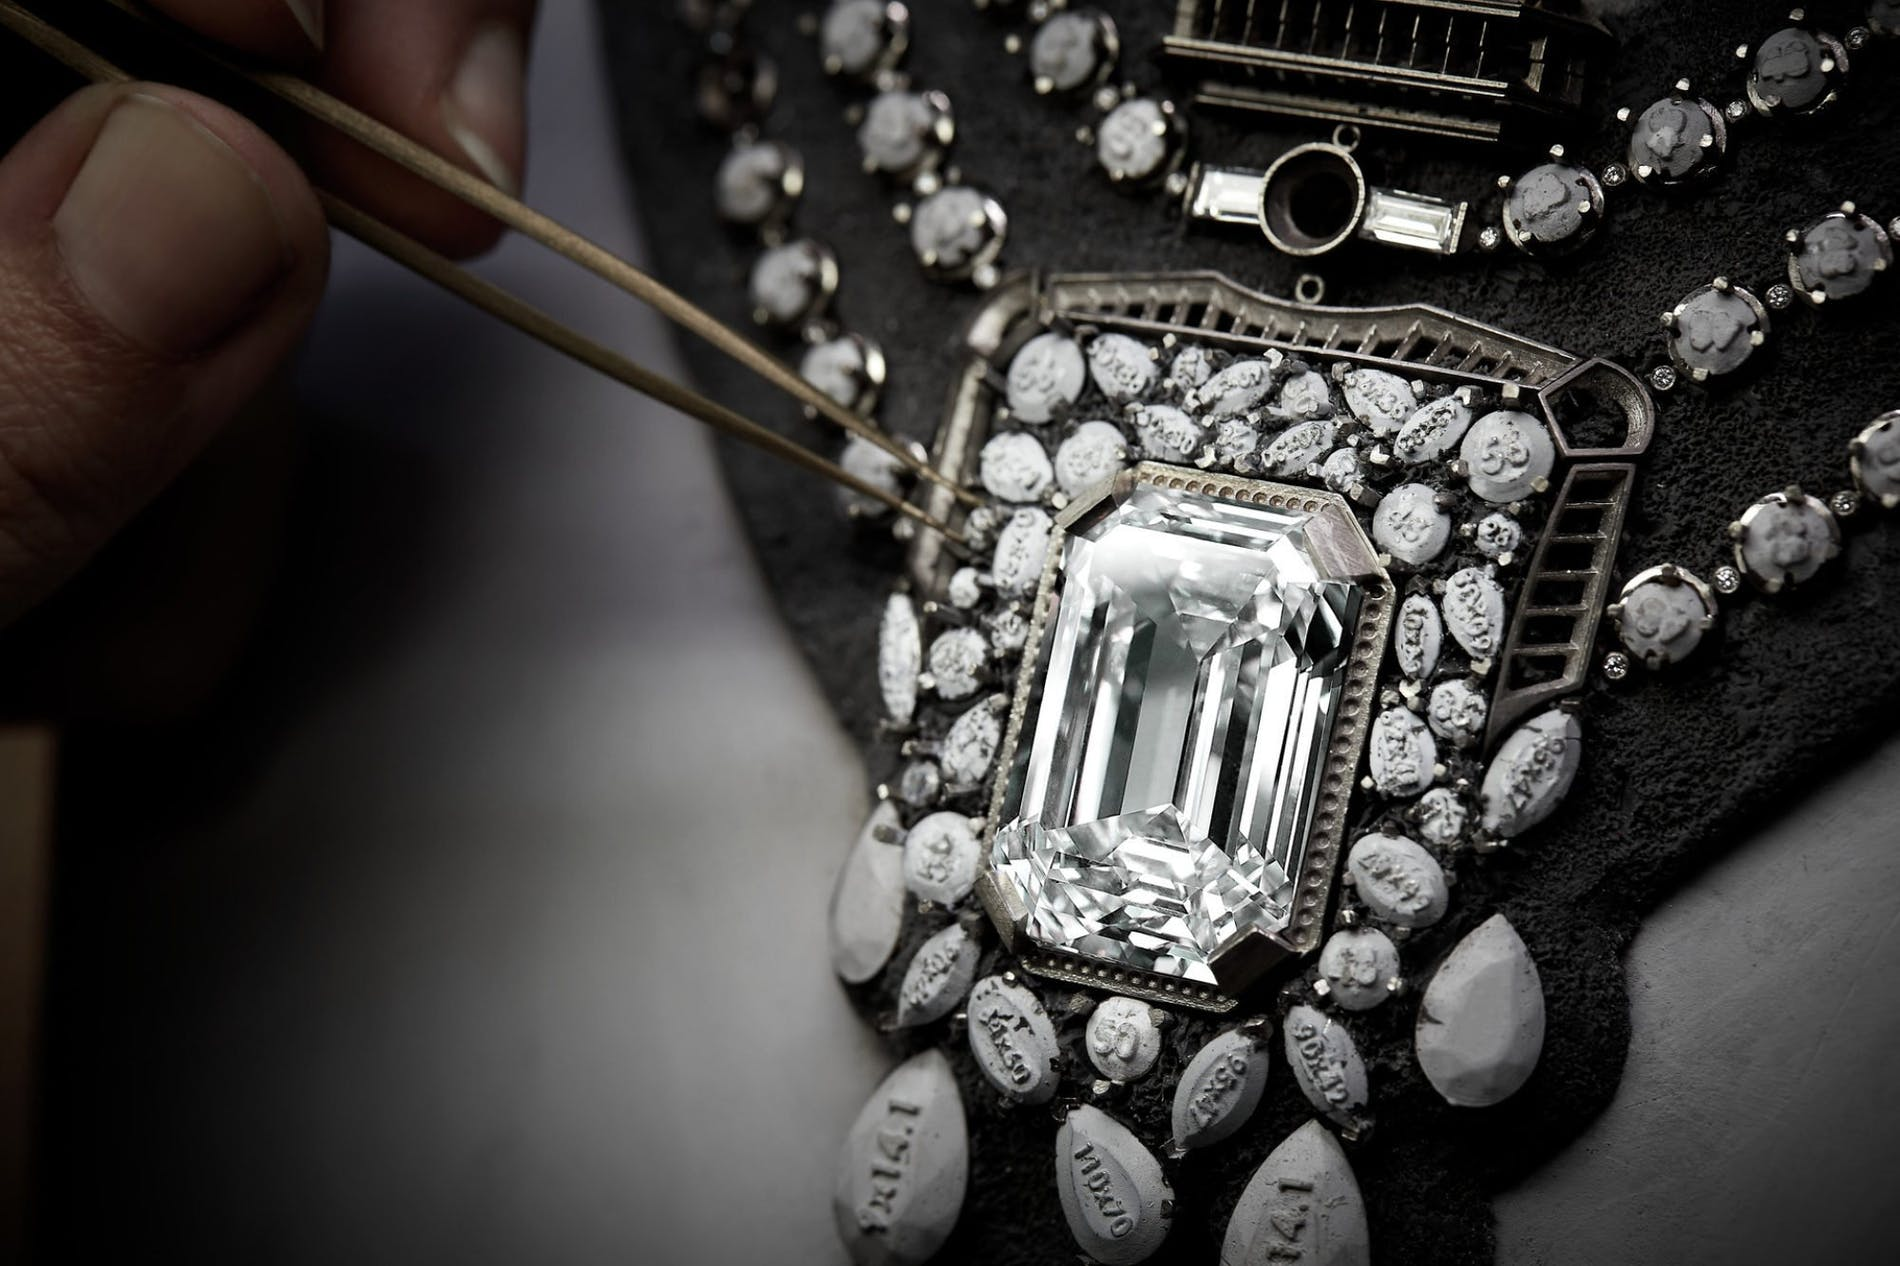 Chanel 55.55 - Sợi dây chuyền kỷ niệm 100 năm biểu tượng-5